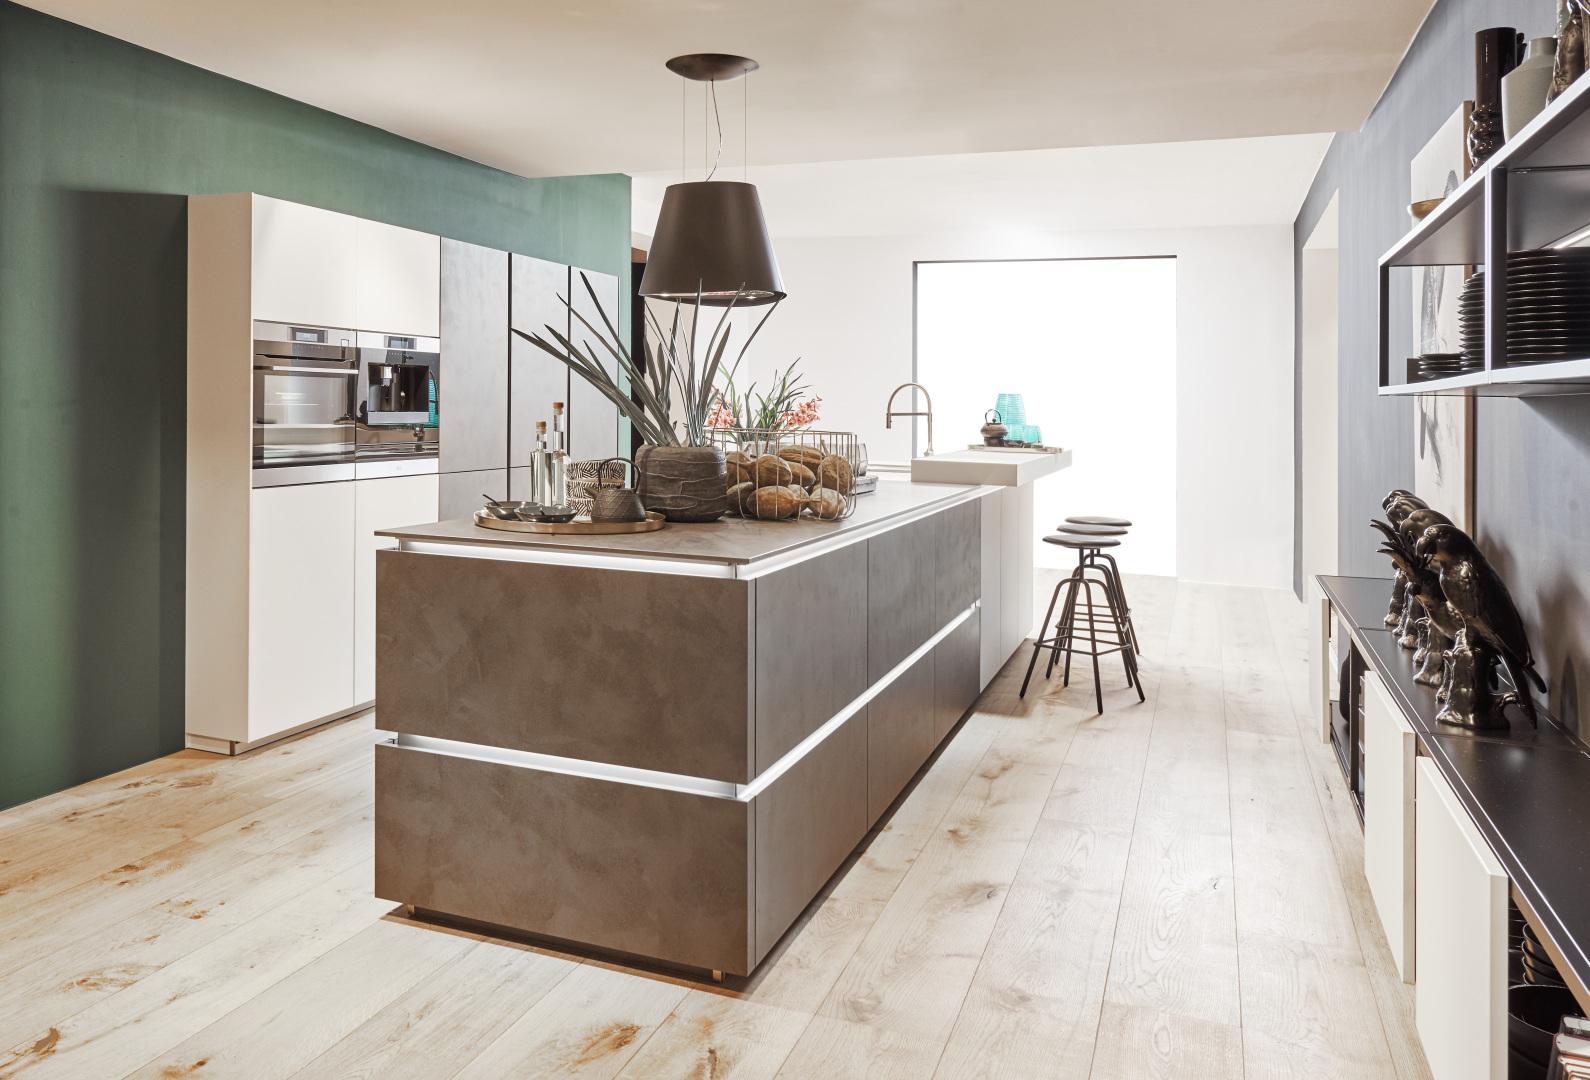 Koje 14 Glas Tec Satin – Weiß / Portland – Zement Anthrazit